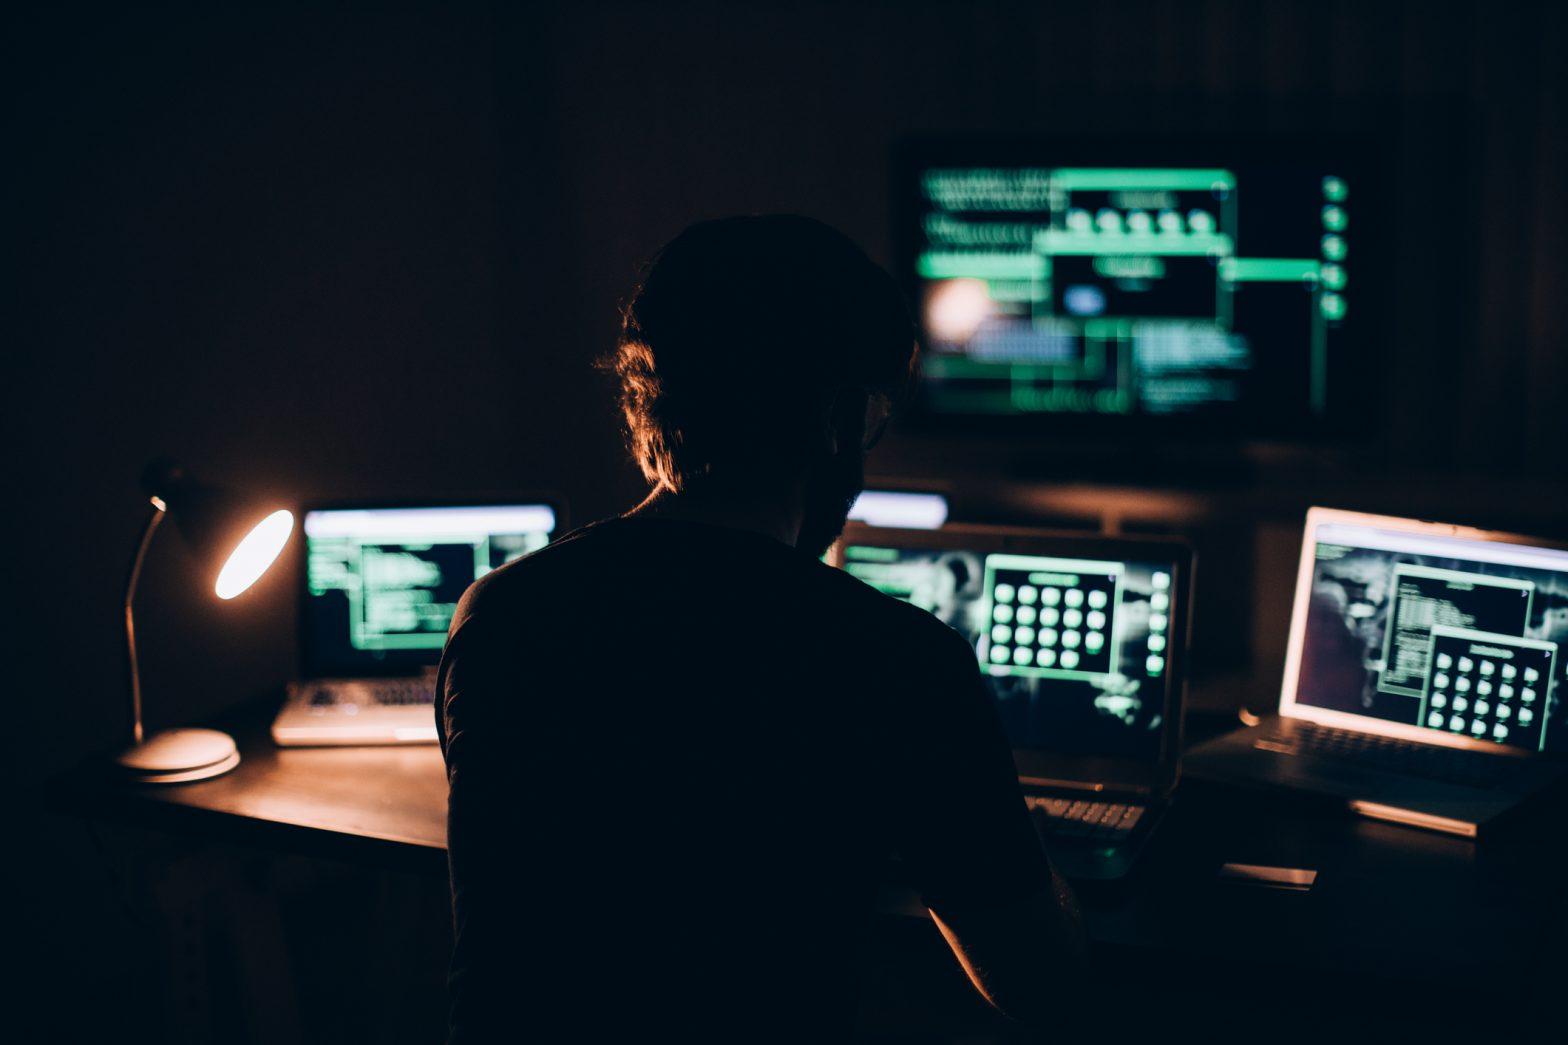 Почему Хакерам До Сих Пор Удается Красть Данные у Корпораций?